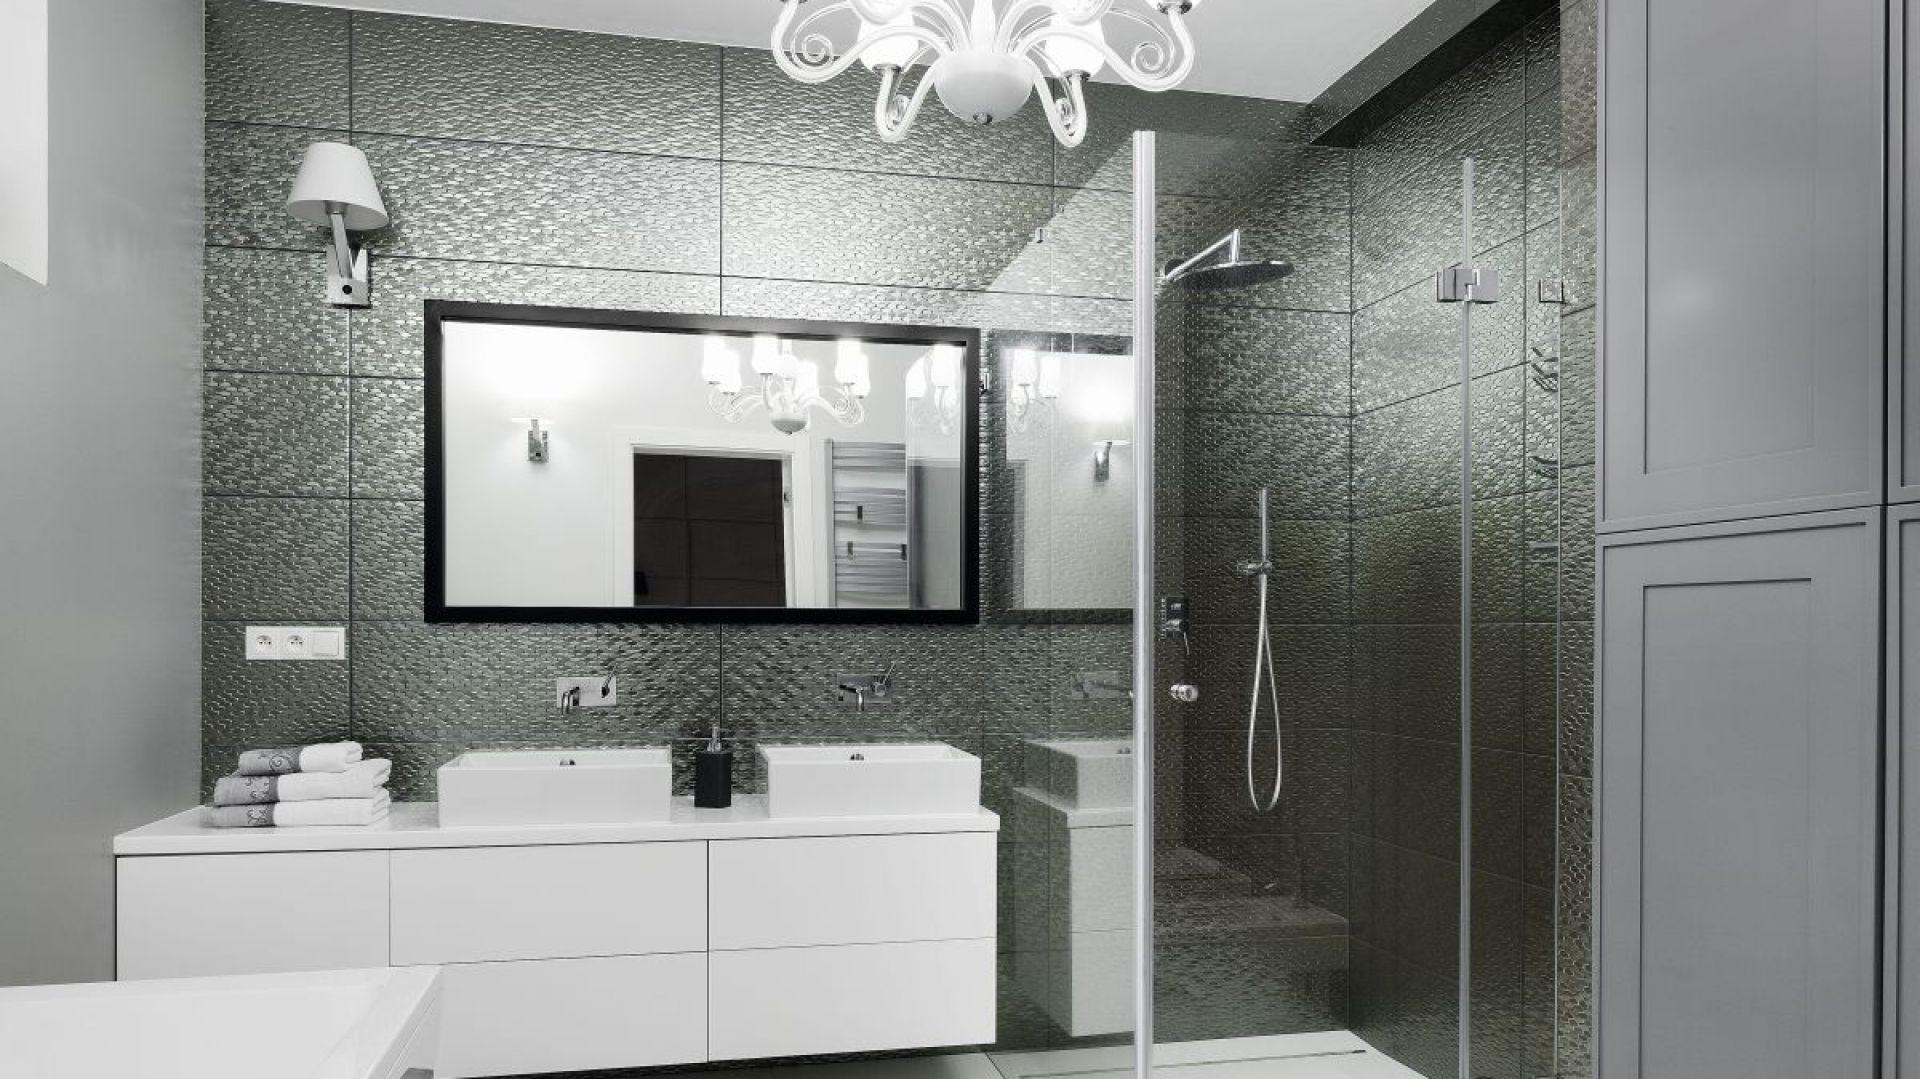 Pomysł na oświetlenie w łazience. Proj. Ewelina Pik, Maria Biegańska. Fot. Bartosz Jarosz